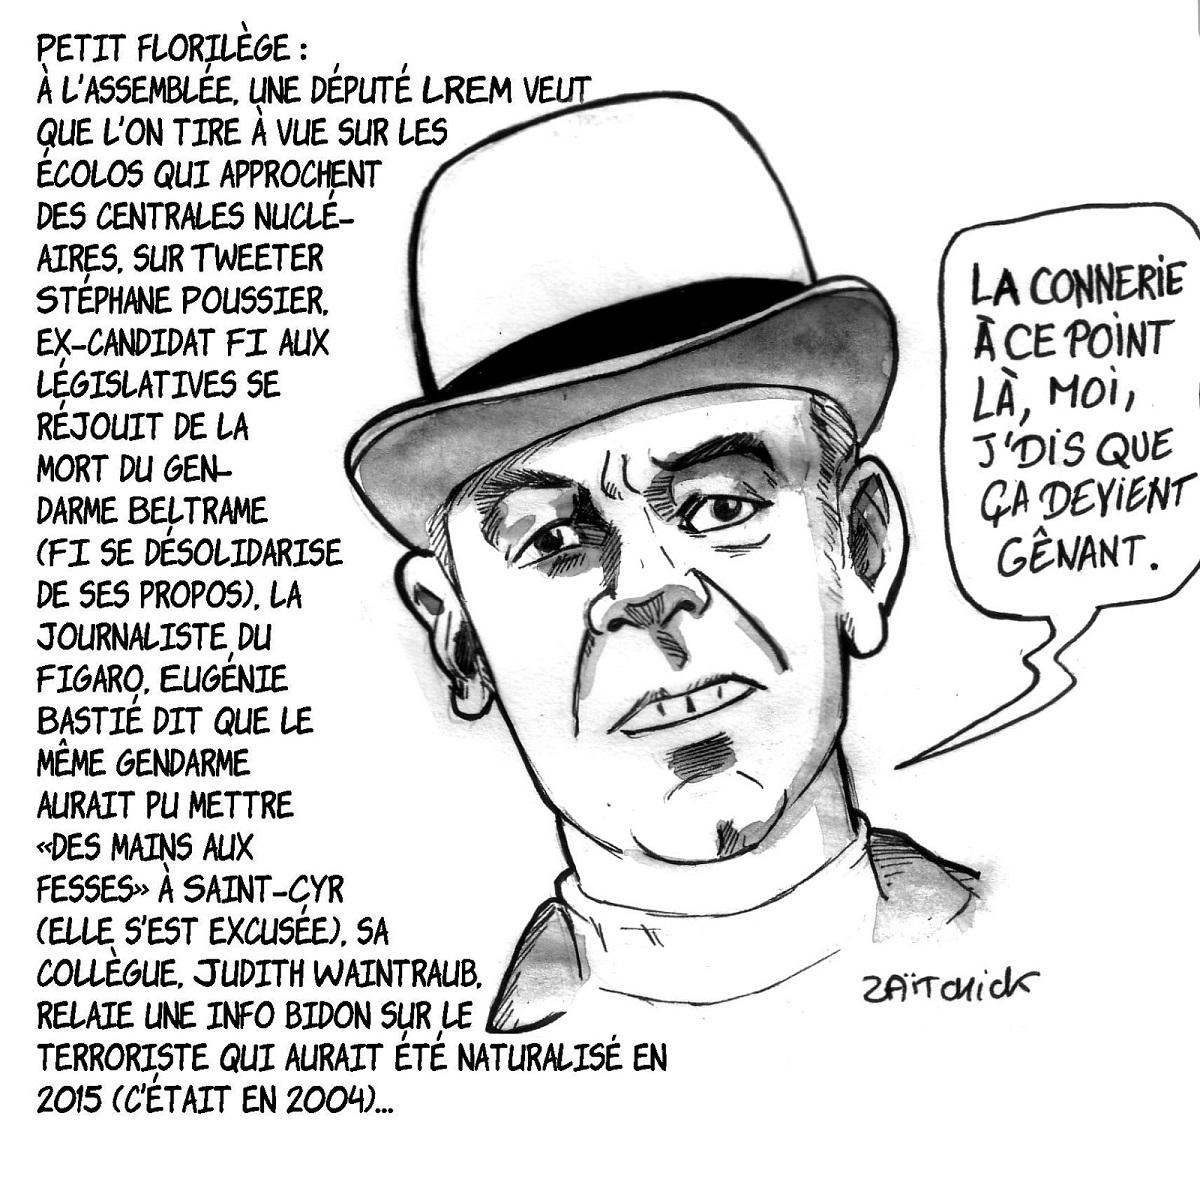 dessin d'actualité montrant André Pousse commentant les derniers évènements